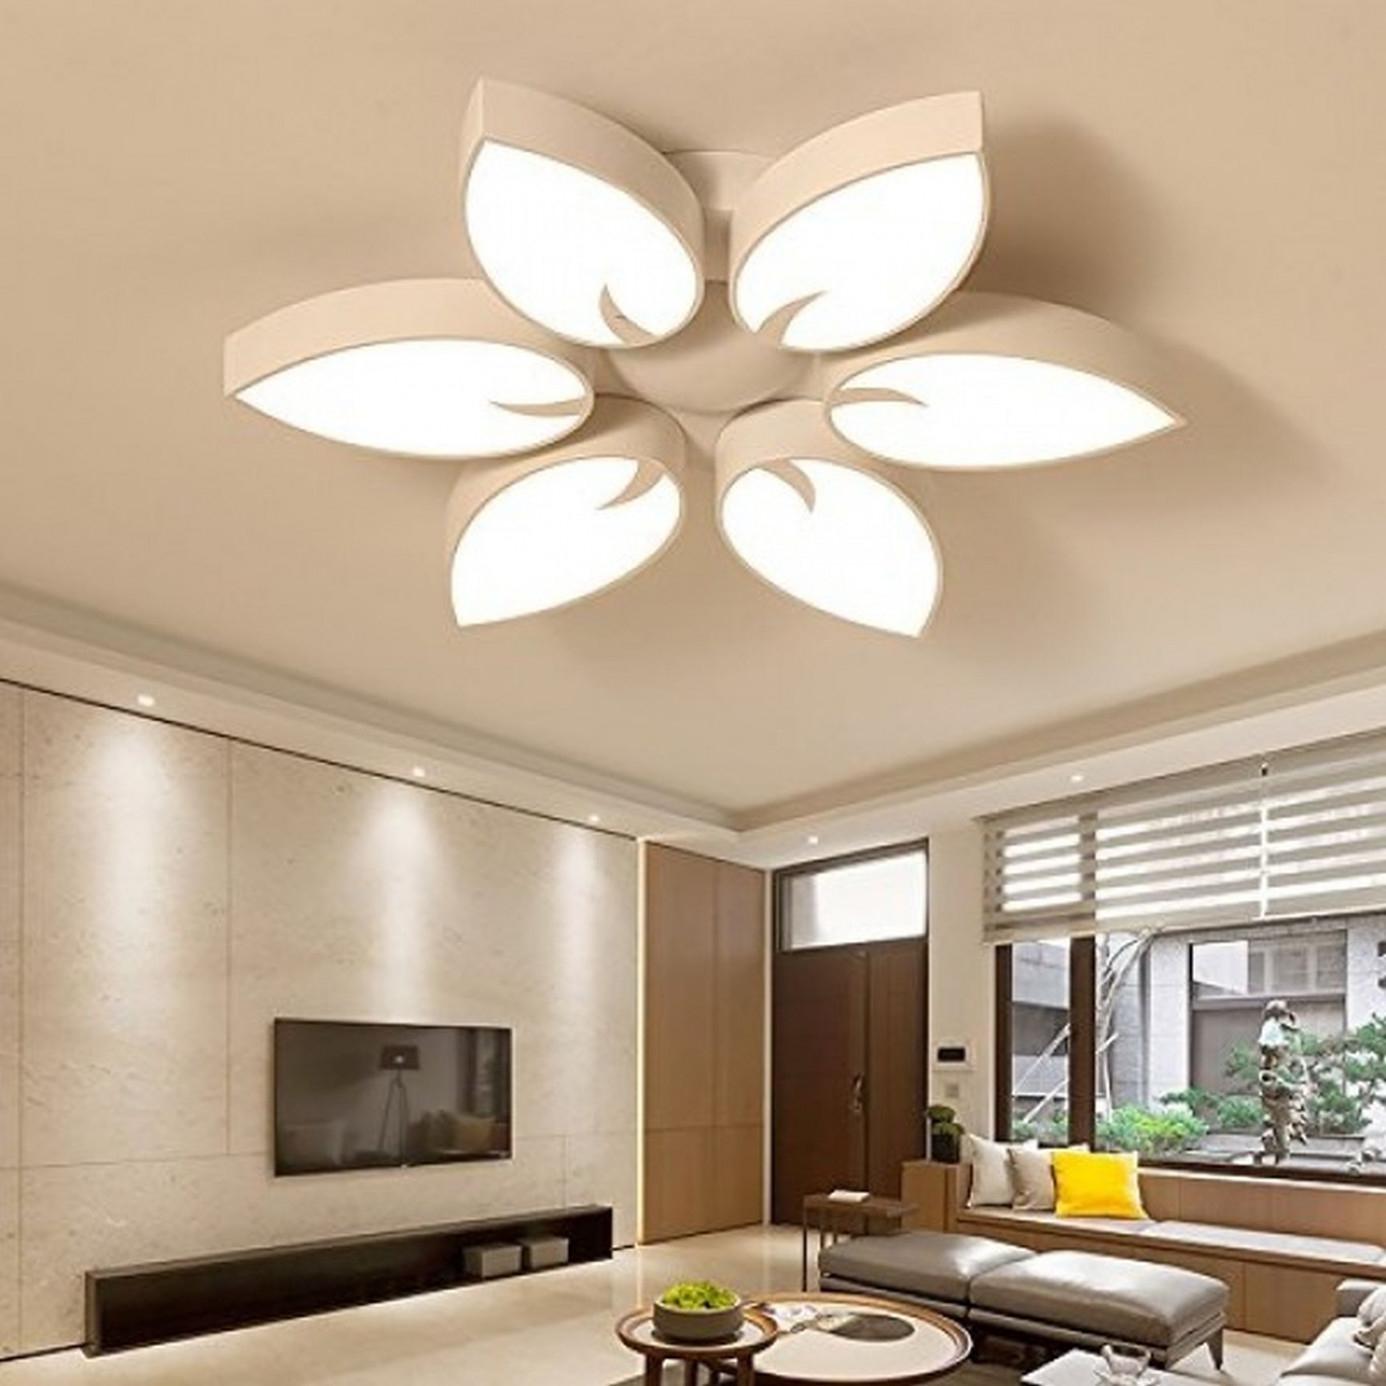 Deckenlampe Esstisch Landhausstil – Caseconrad von Deckenlampe Wohnzimmer Landhaus Bild